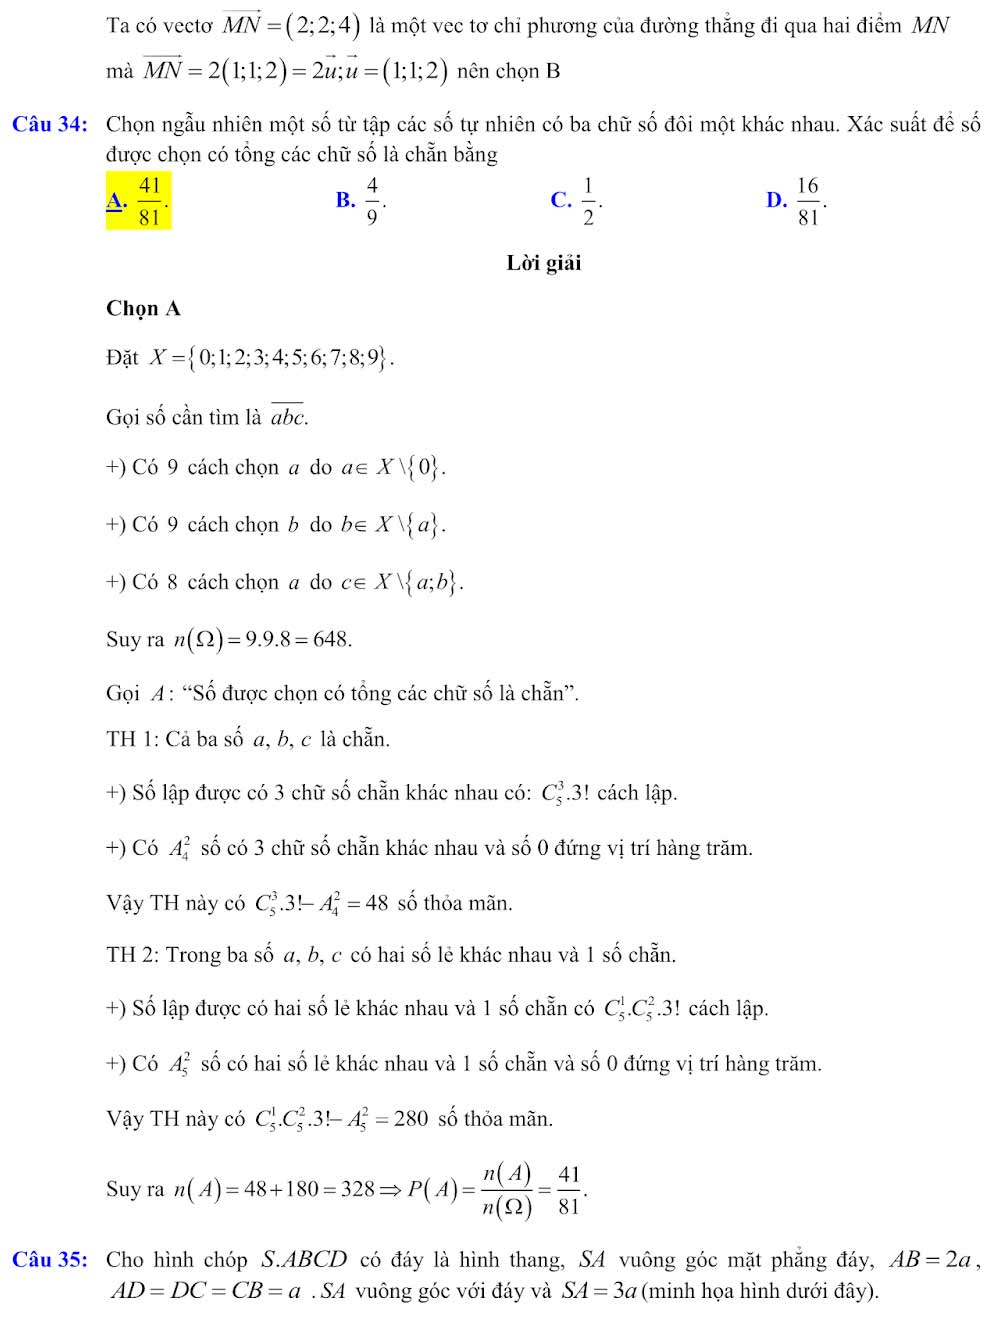 Đáp án đề minh họa thi thpt quốc gia môn toán 2020 lần 1_10